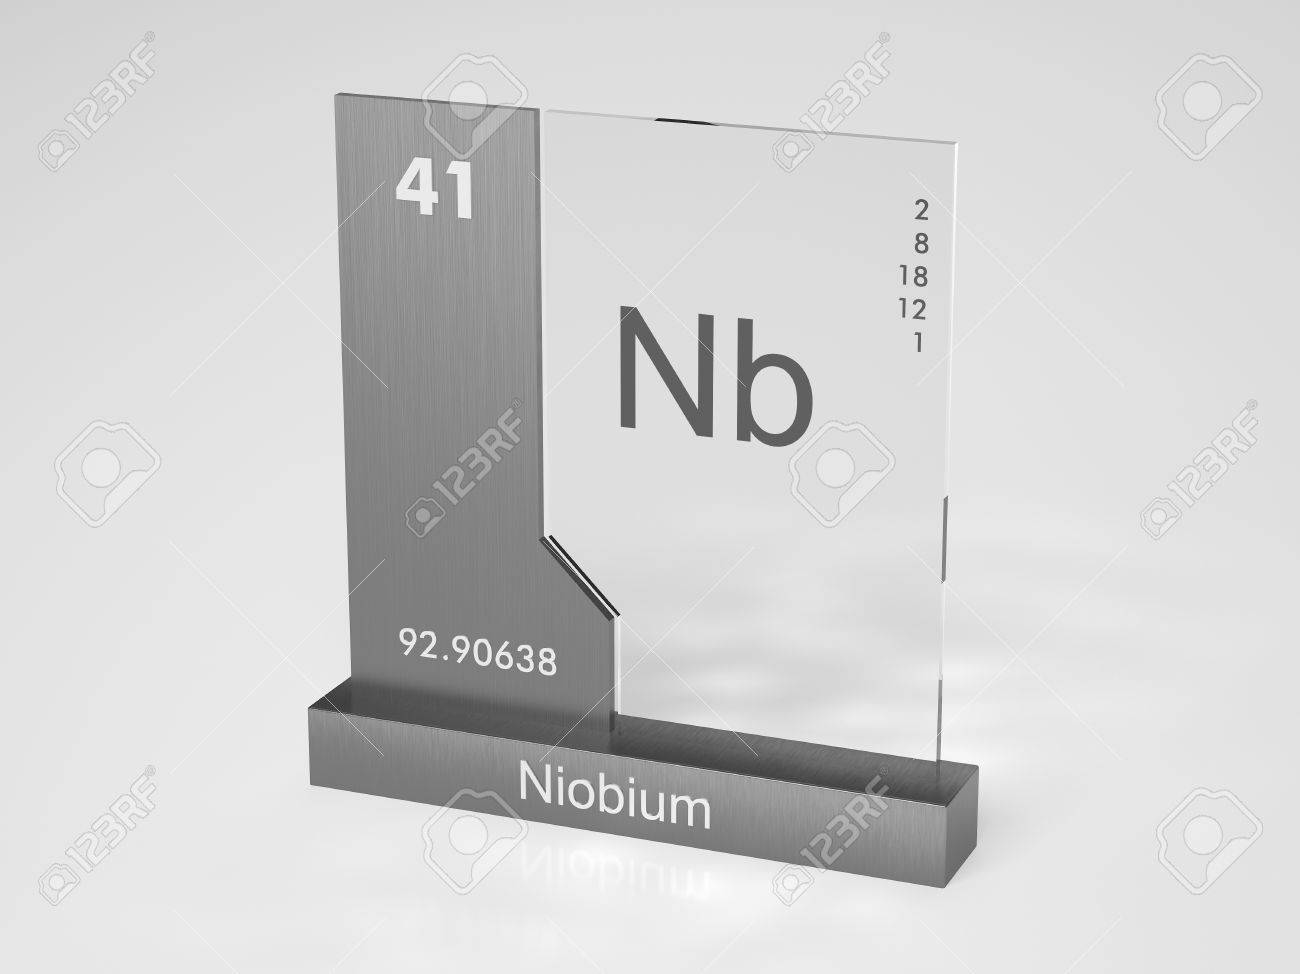 Niobium - symbol Nb - chemical element of the periodic table